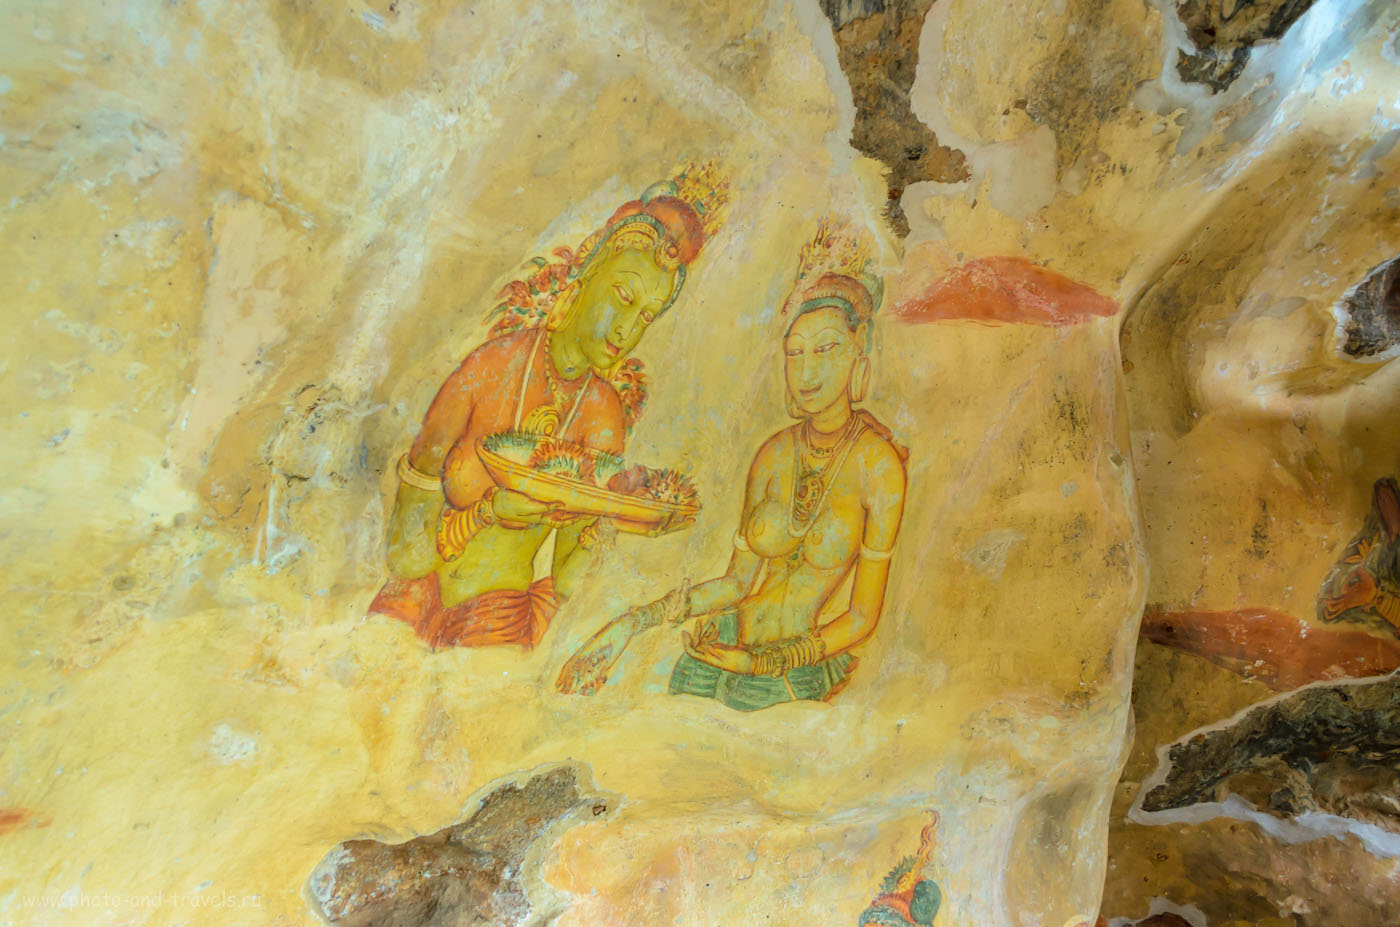 Фото 10. На стенах Львиной скалы можно увидеть древние фрески. Как мы взяли в аренду машину и поехали смотреть Сигирию. Отзывы туристов о самостоятельном отдыхе на Шри-Ланке.